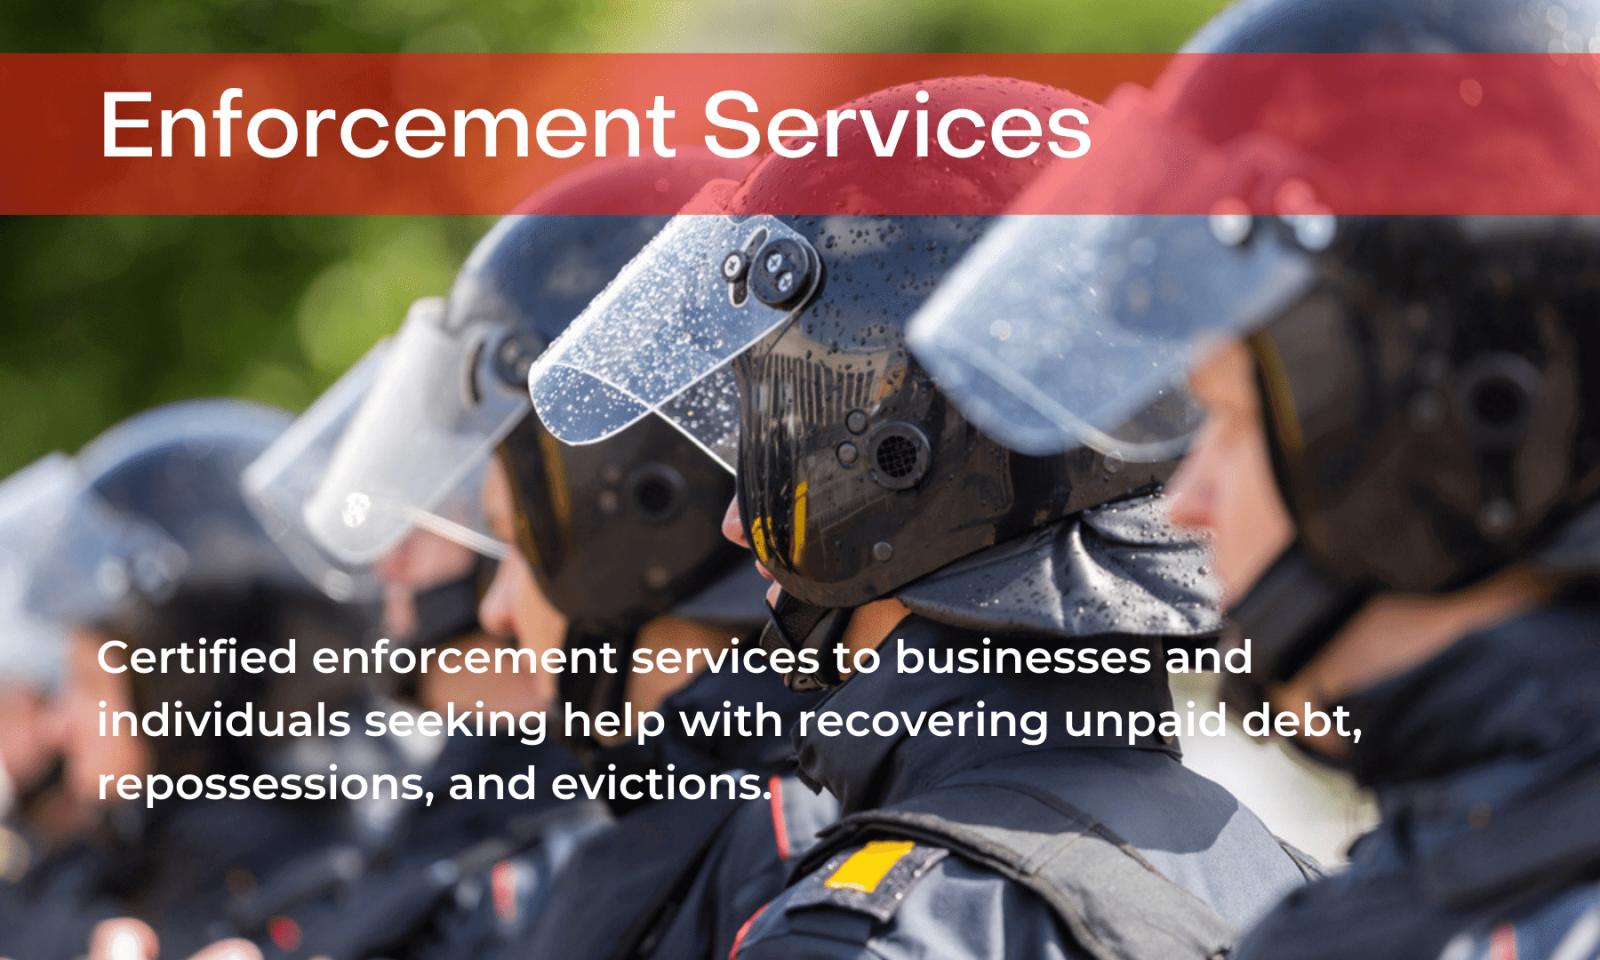 enforcement services